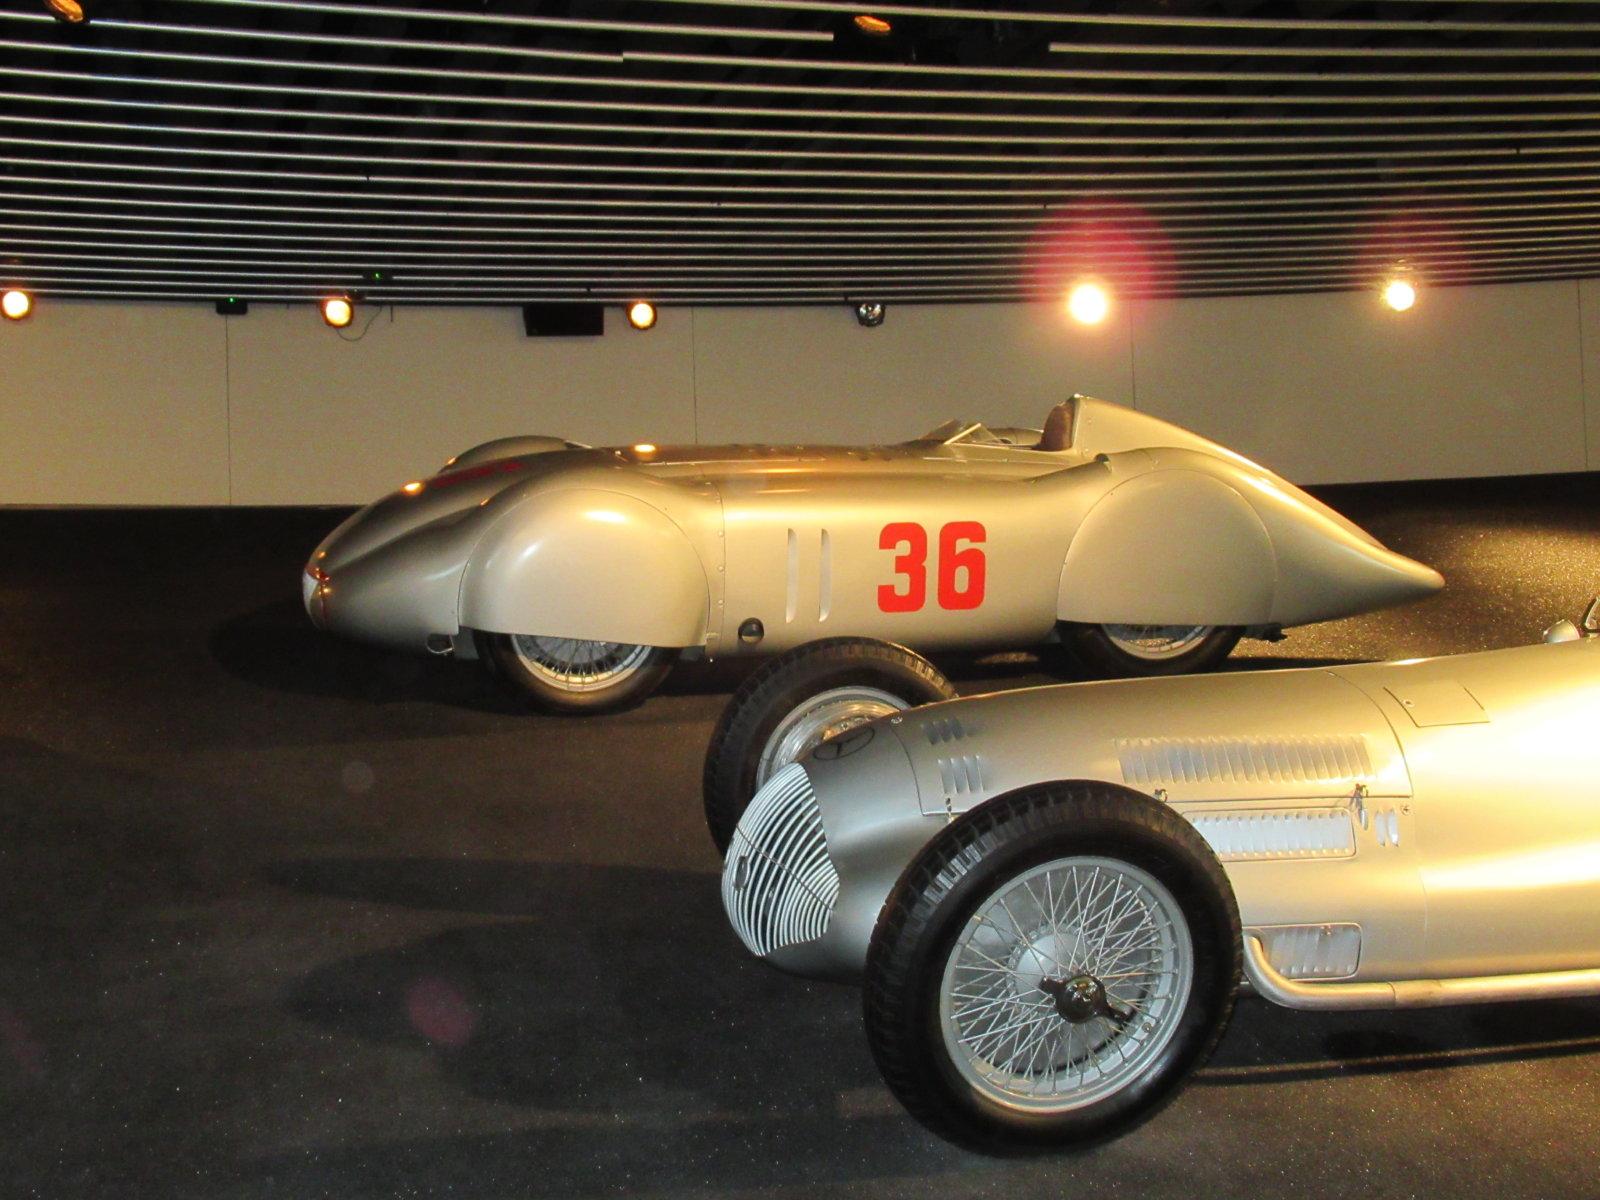 07-26 MB Race Car 15